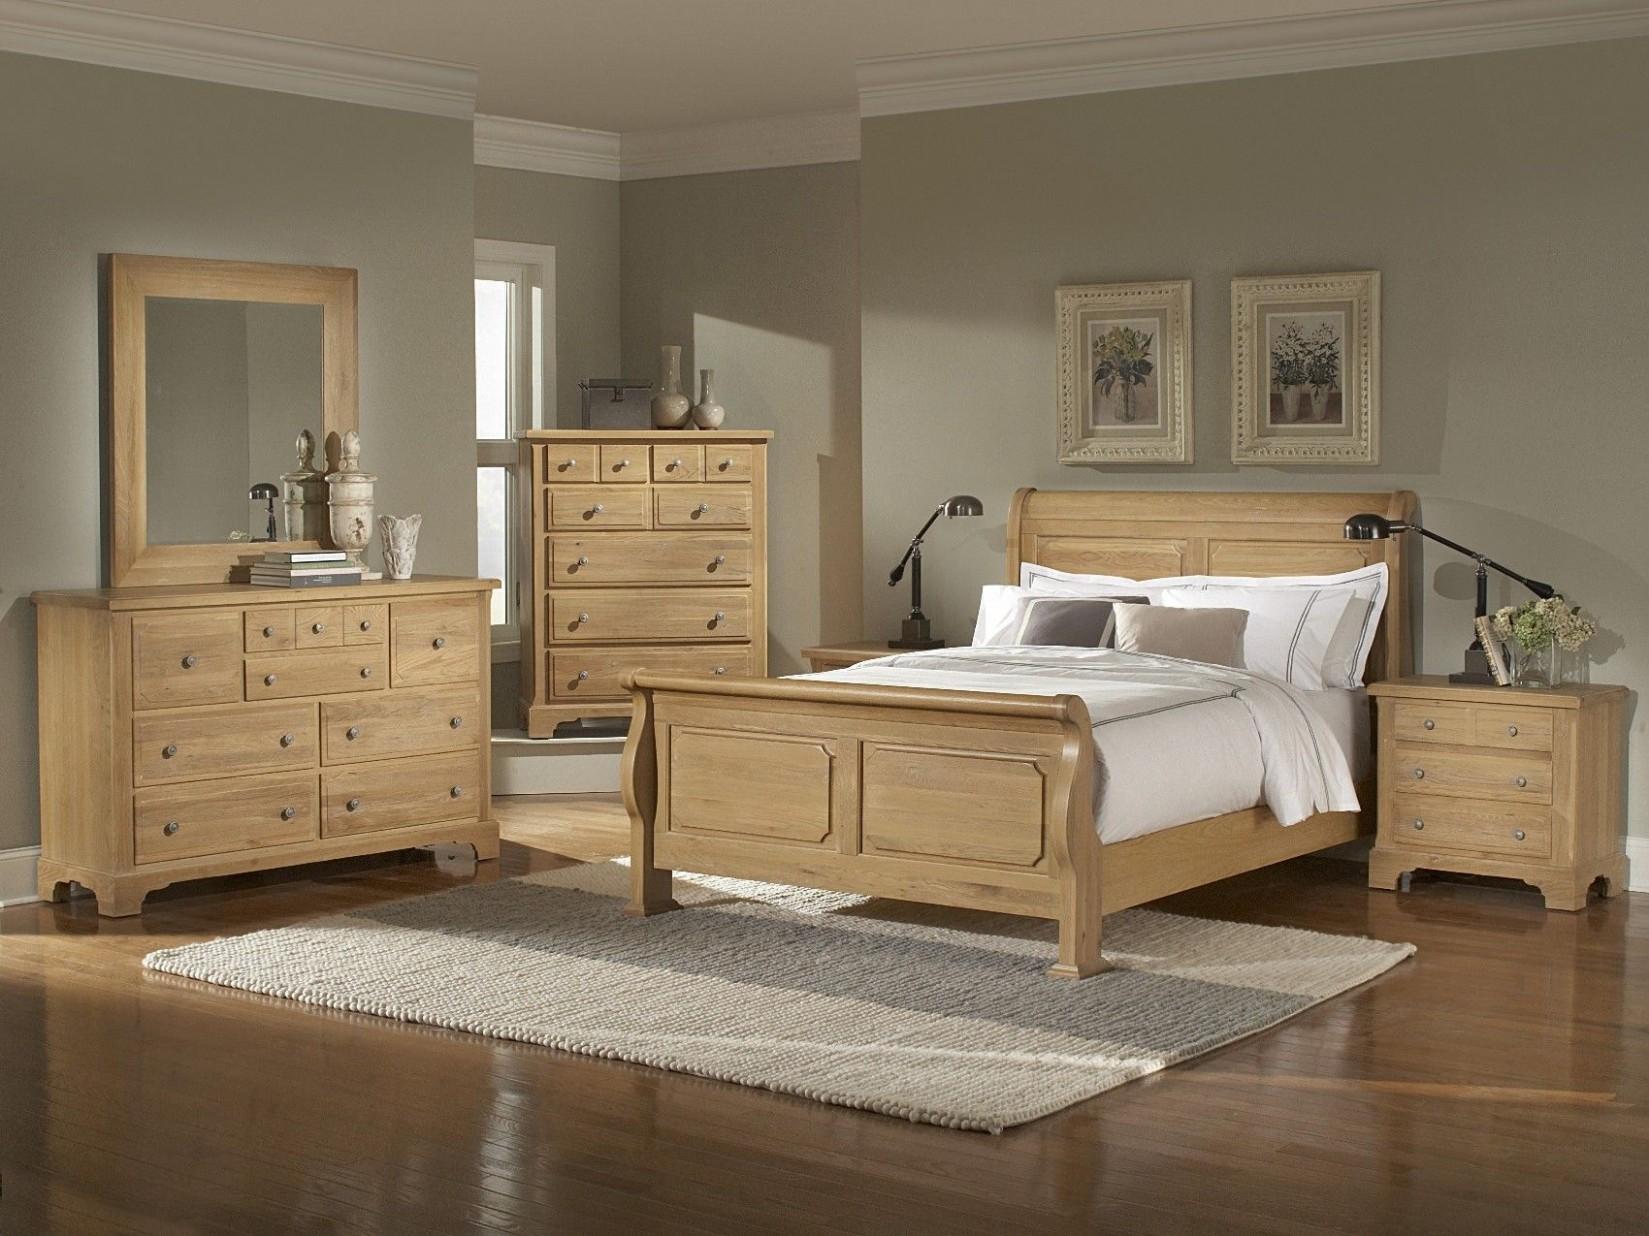 oak bedroom furniture sets   Washed Oak Queen Sleigh Bedroom  - Bedroom Ideas Oak Furniture